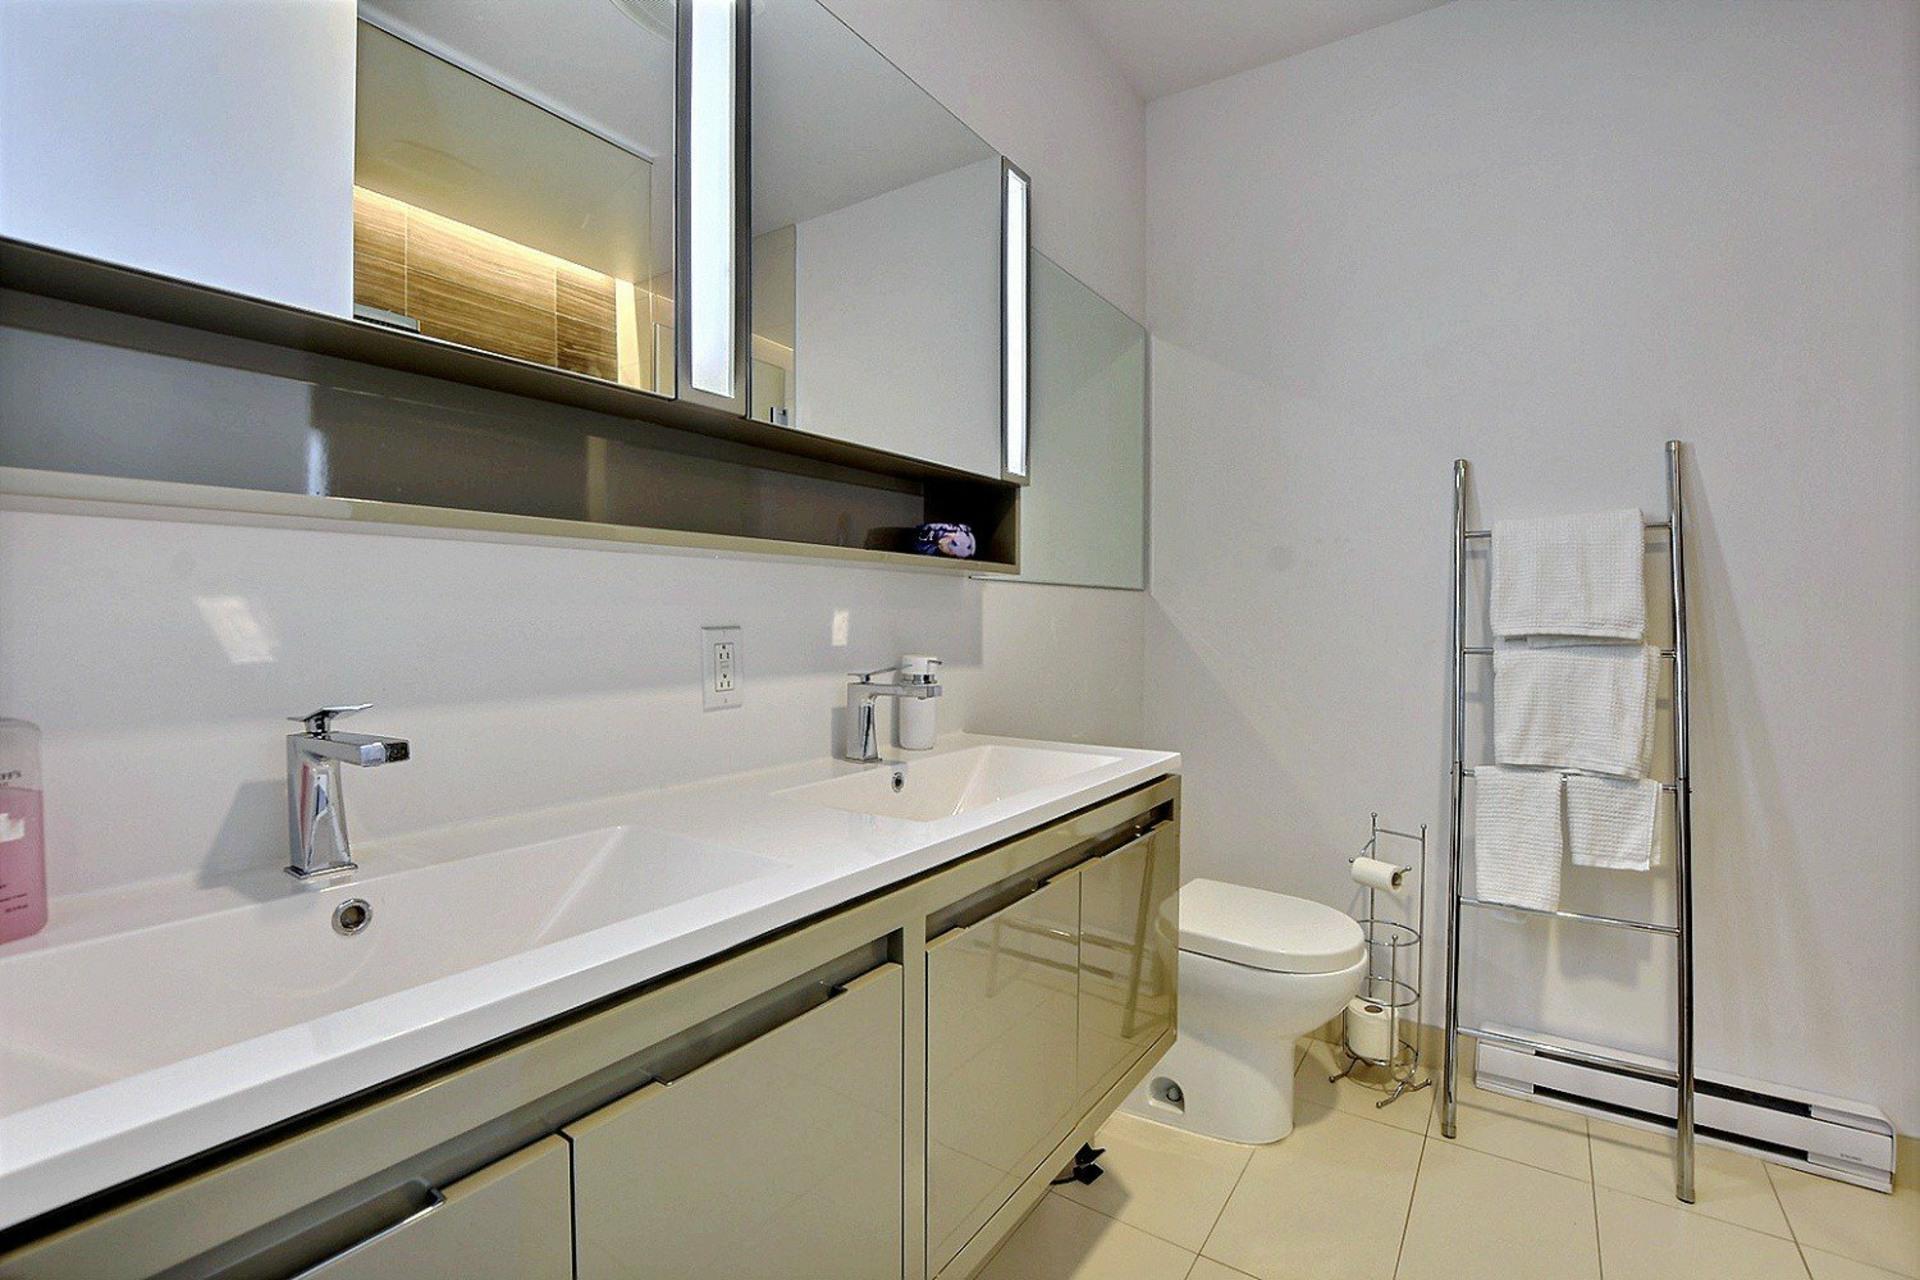 image 22 - Appartement À louer Ville-Marie Montréal  - 7 pièces